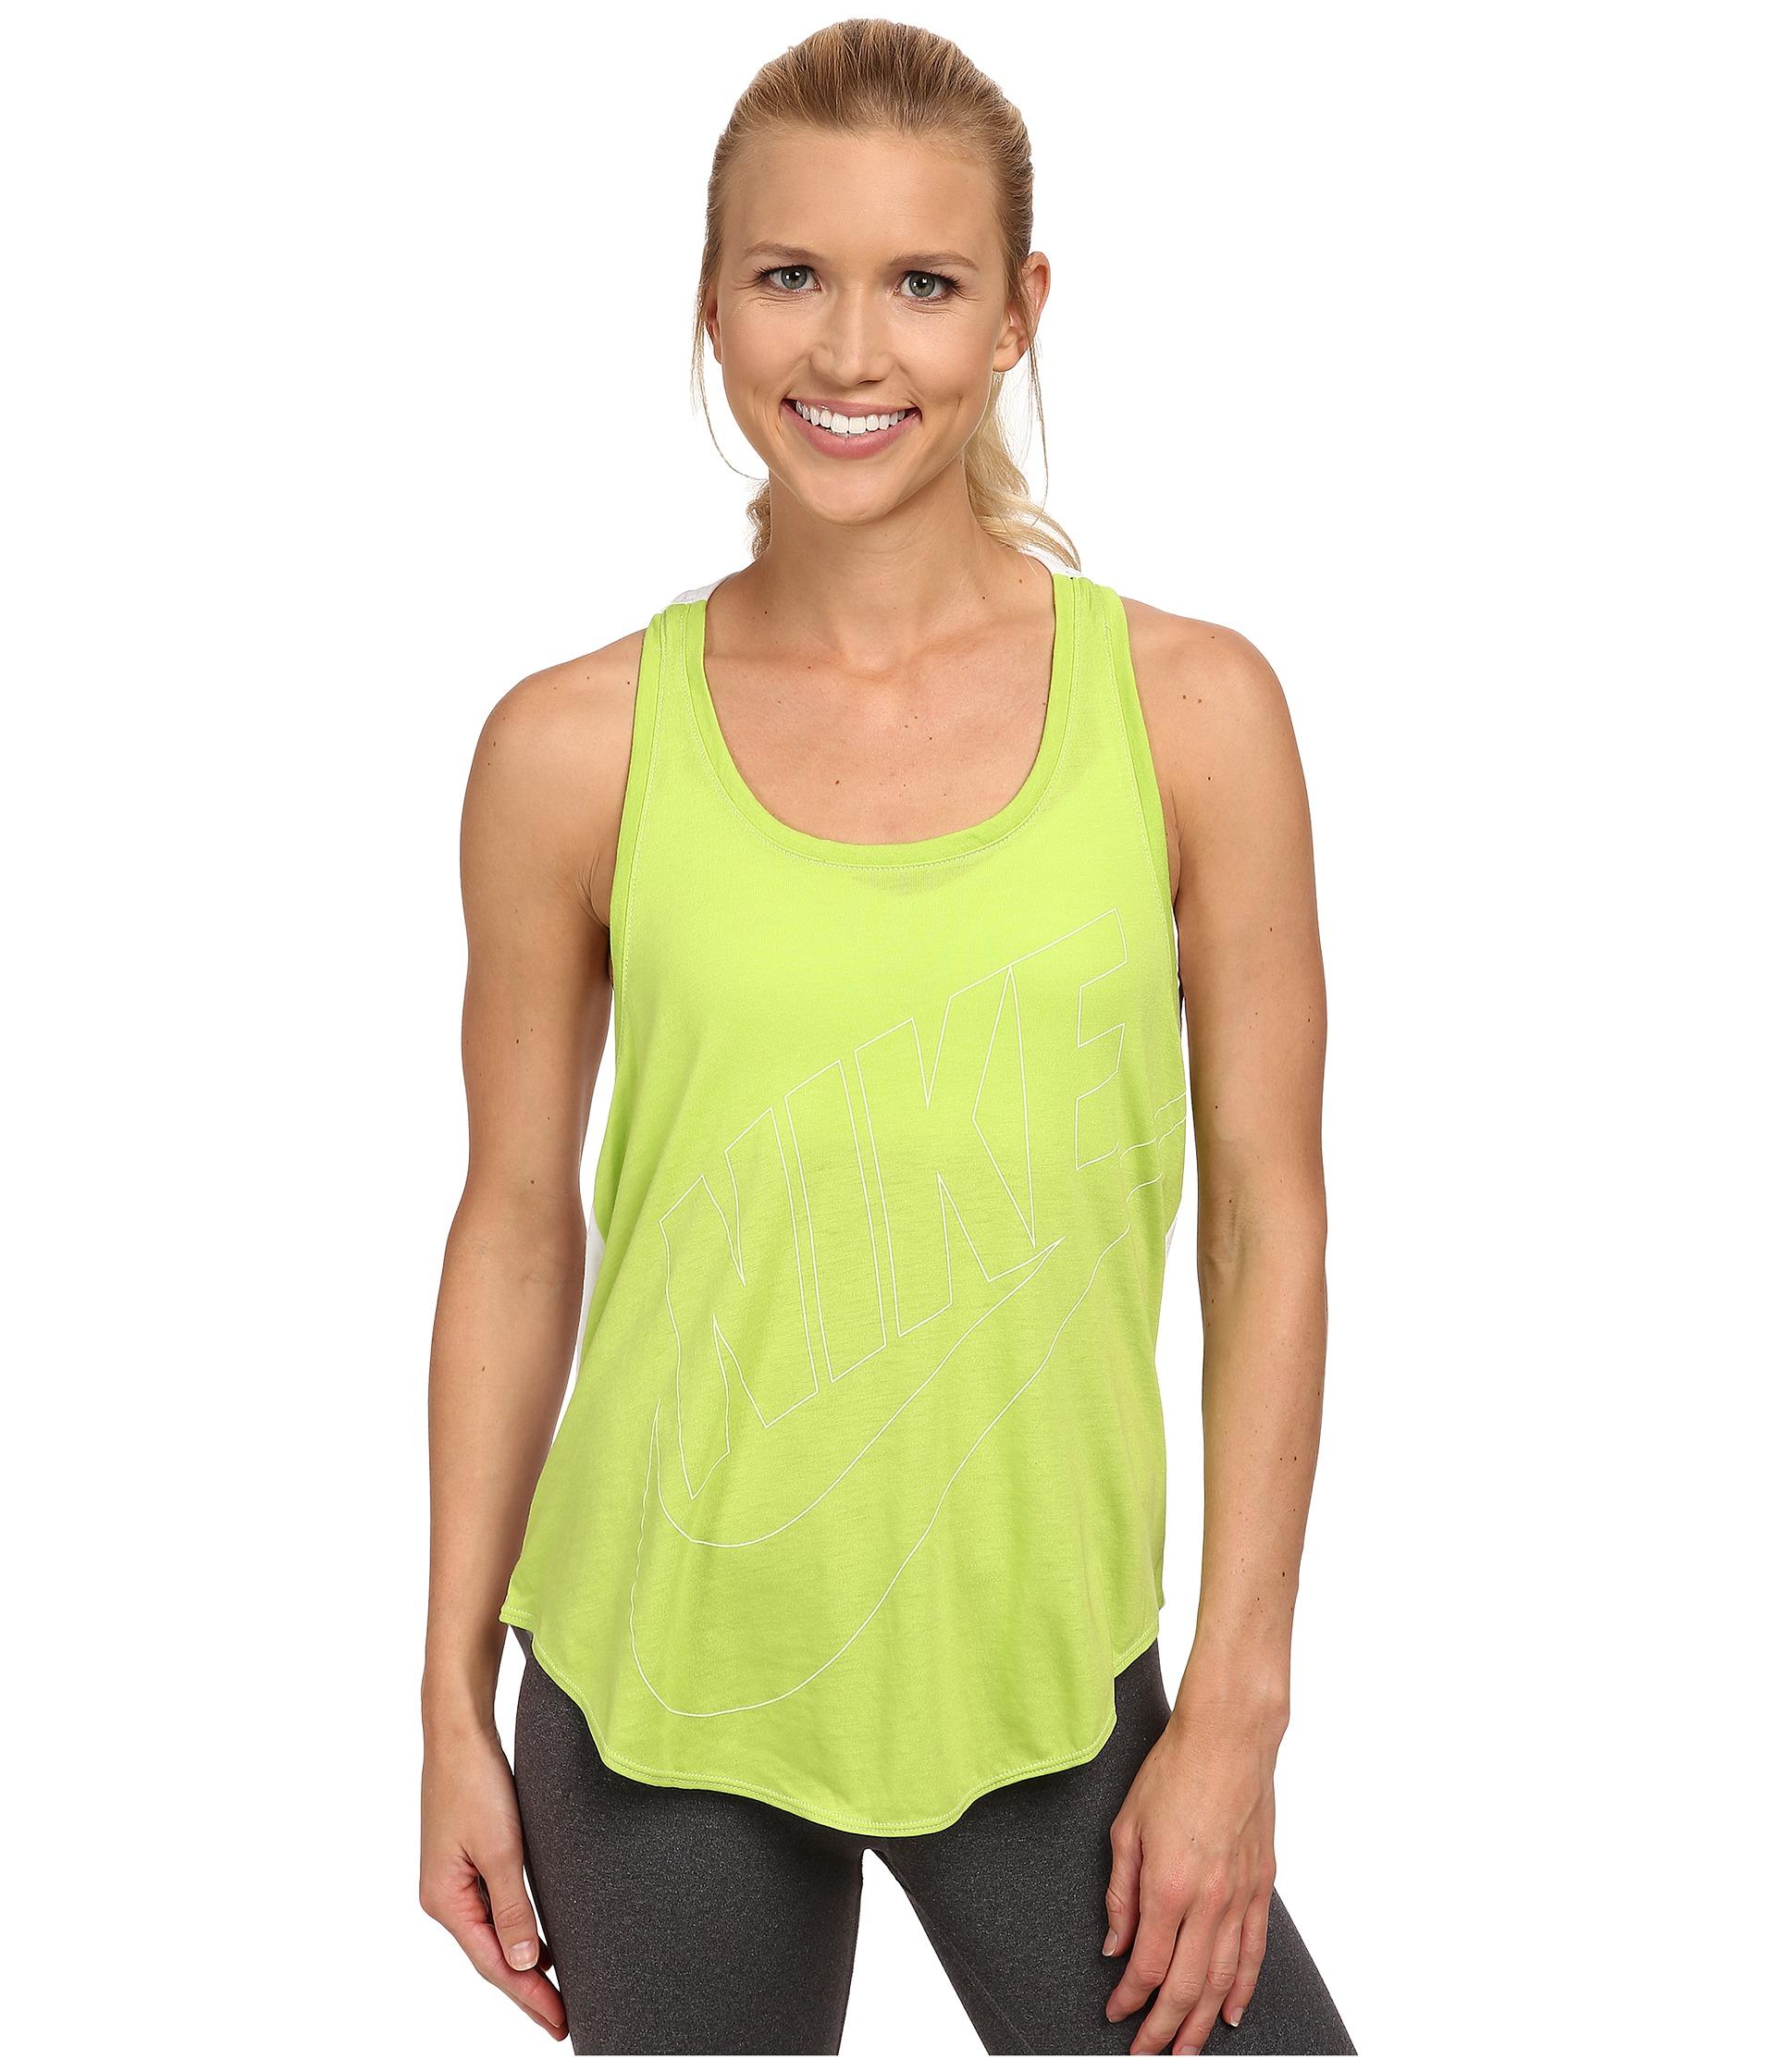 nike air free run 5.0 - Nike, Tank Tops, Women at 6pm.com